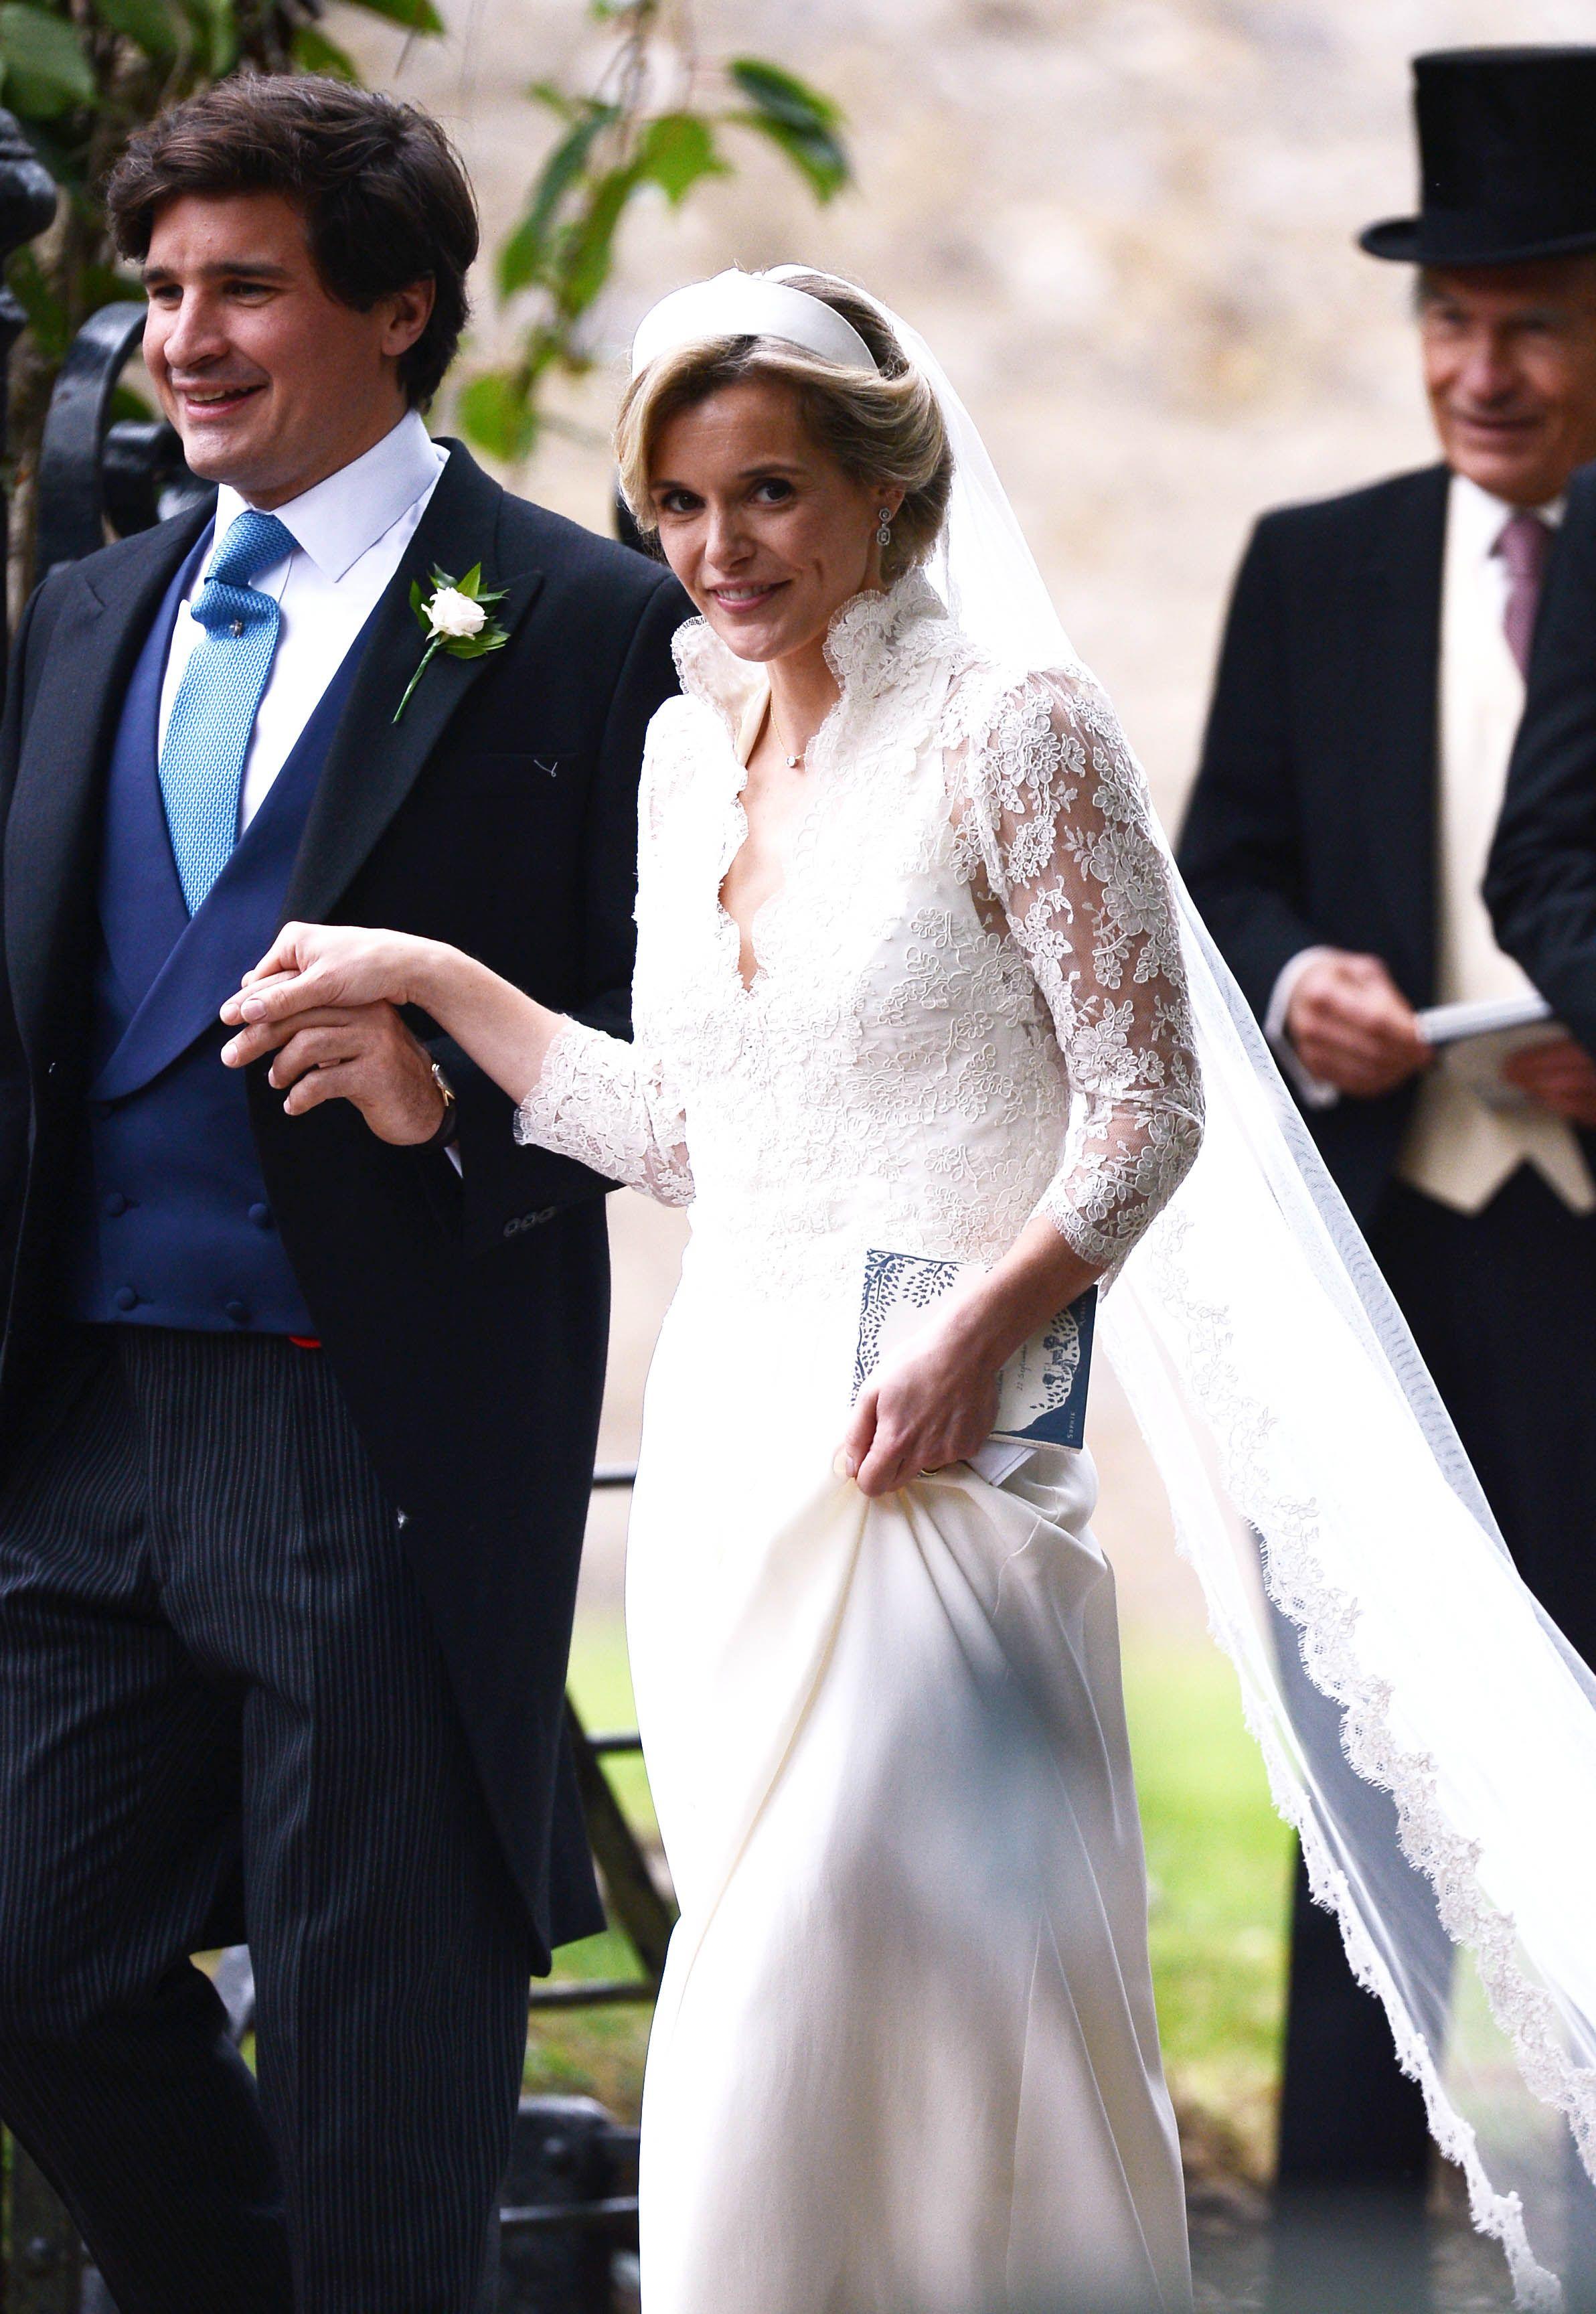 7b448b9981dc The Biggest Weddings of 2018 - Best Weddings of 2018